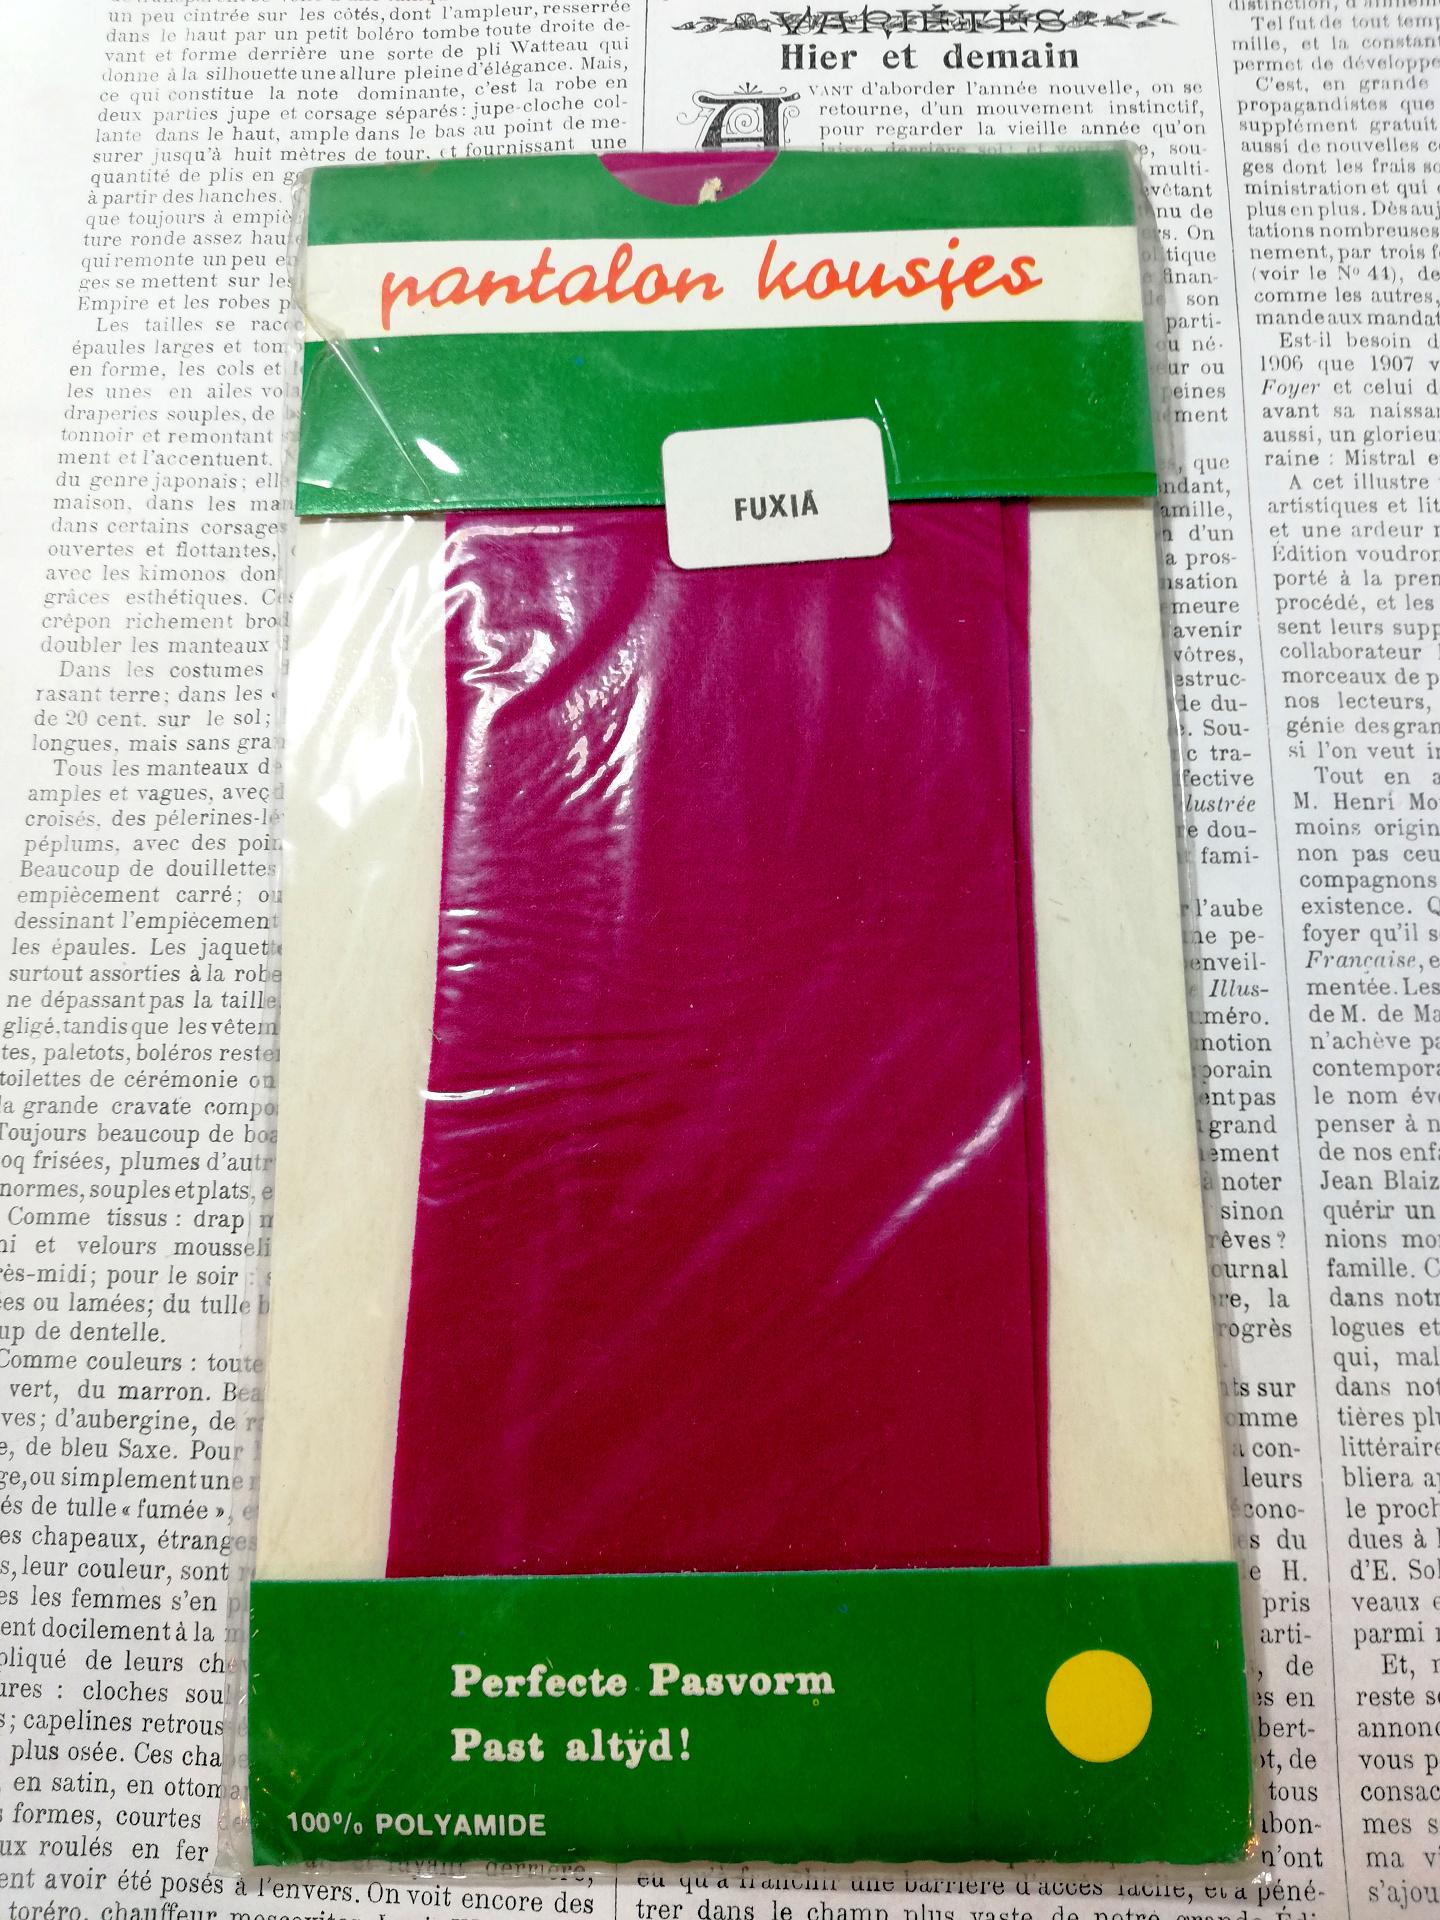 Vintage Pantalon/Knie Kousjes Fuchsia